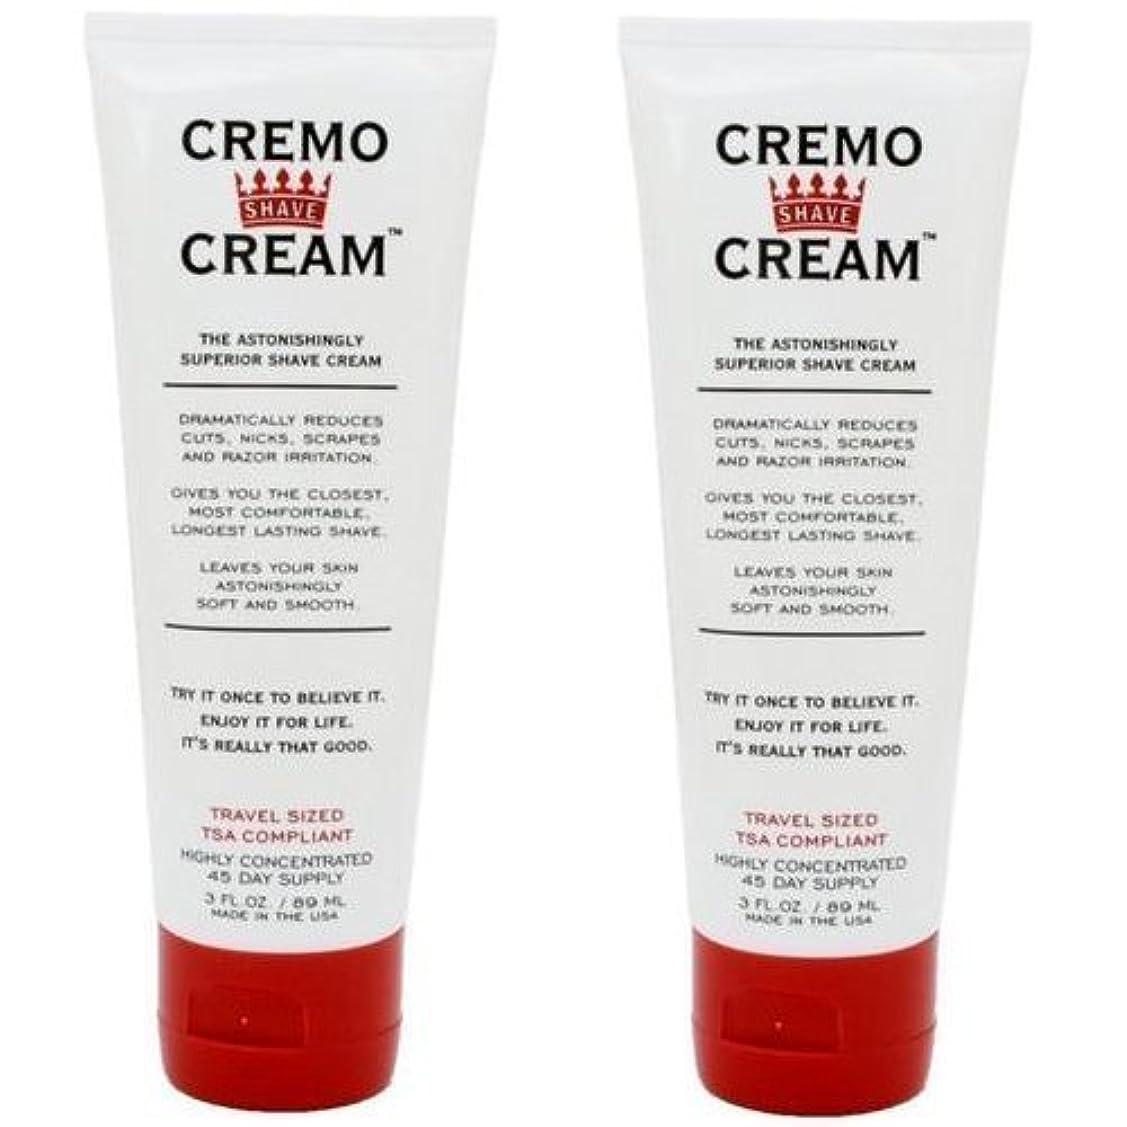 作家考古学的な美徳Cremo Original Shave Cream Astonishingly Superior Shaving Cream for Men Travel Size 3 Fluid Ounce (2 Pack) [並行輸入品]